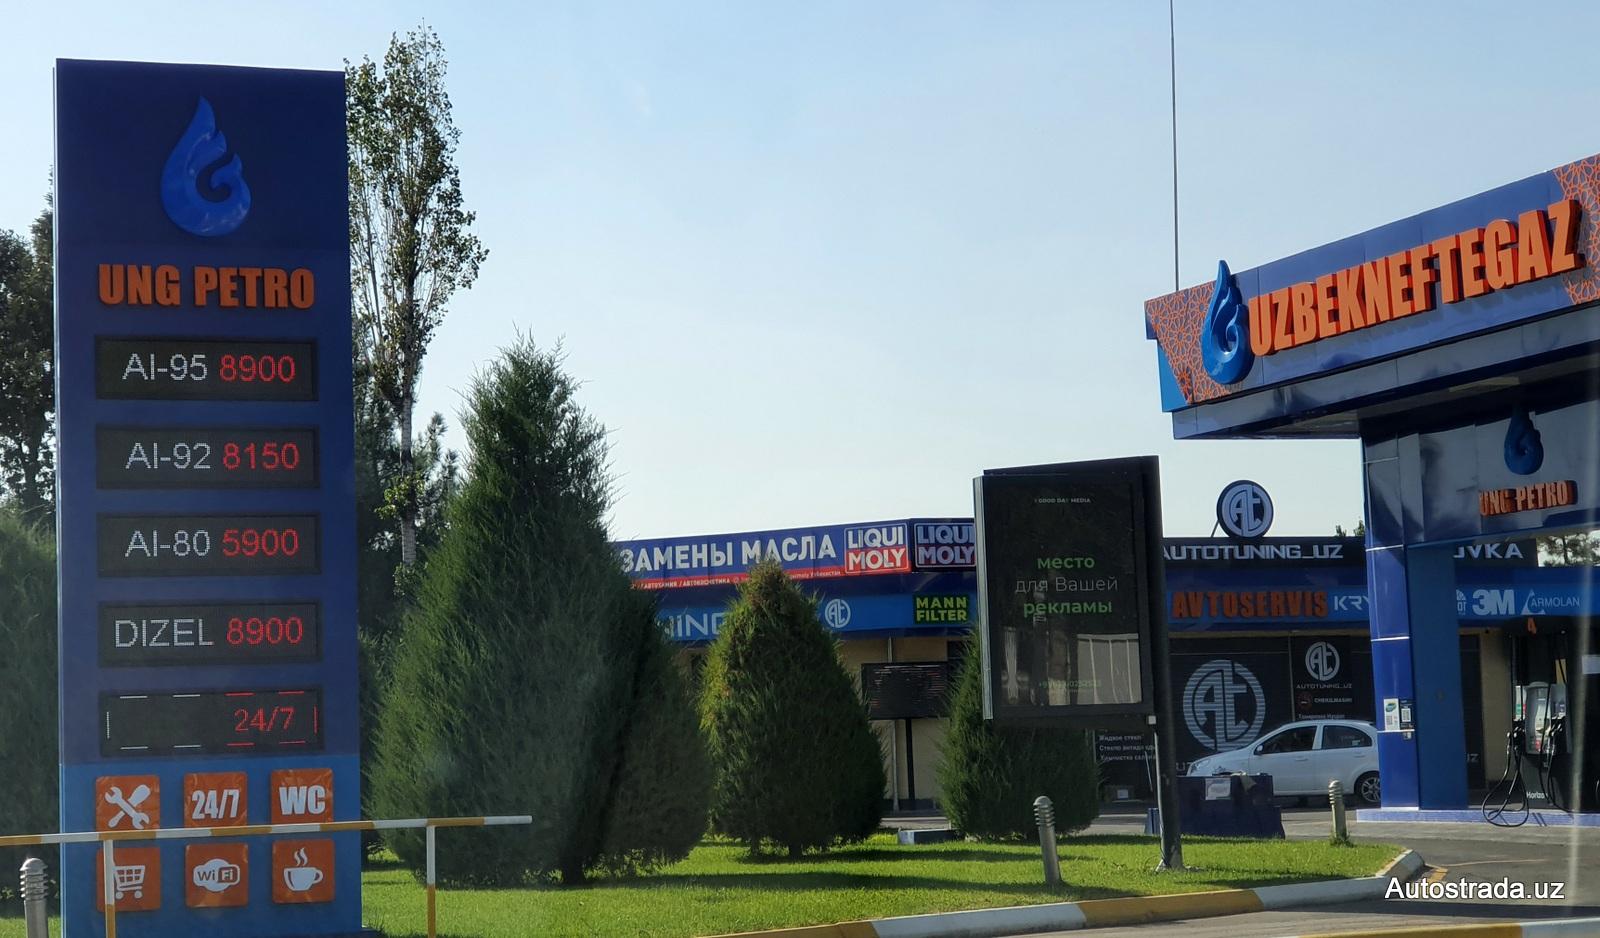 Цены на бензин в Узбекистане снова выросли